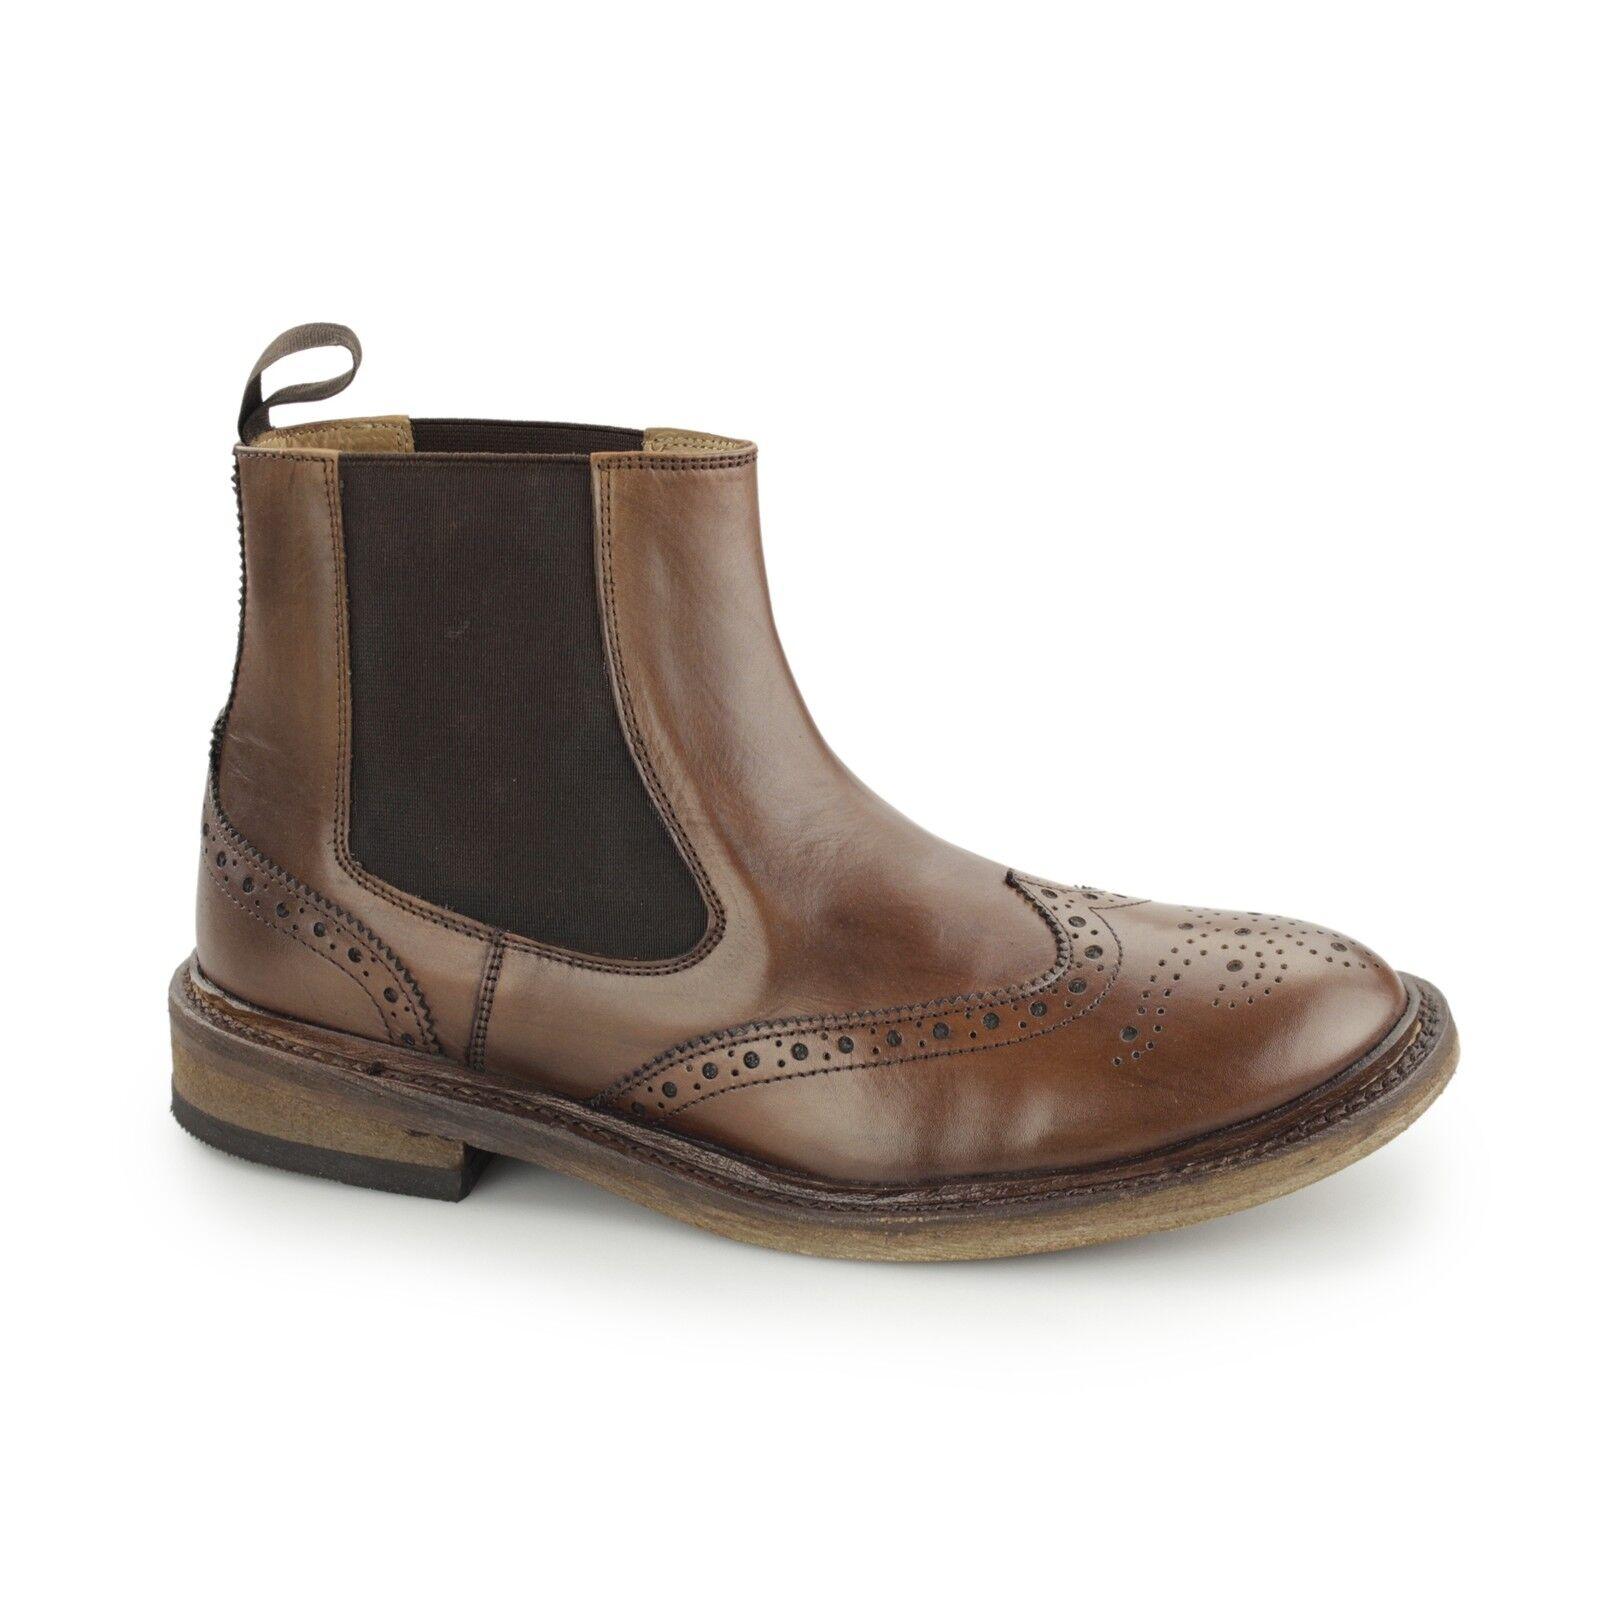 Catesby shoemakers Bjorn da uomo Goodyear guardolo cucito CALATA Pull on Chelsea Marrone